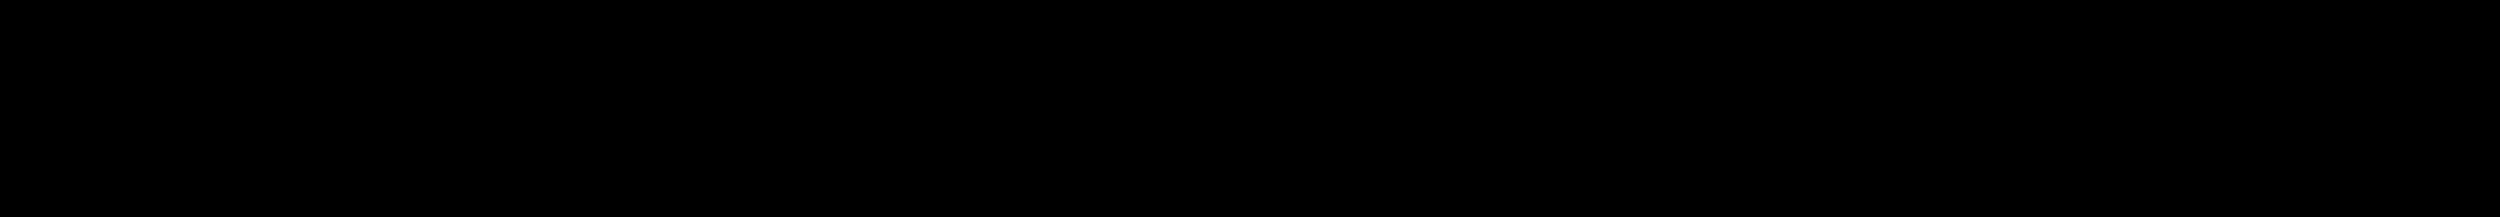 Vescom Textiles Inc logo - black.png